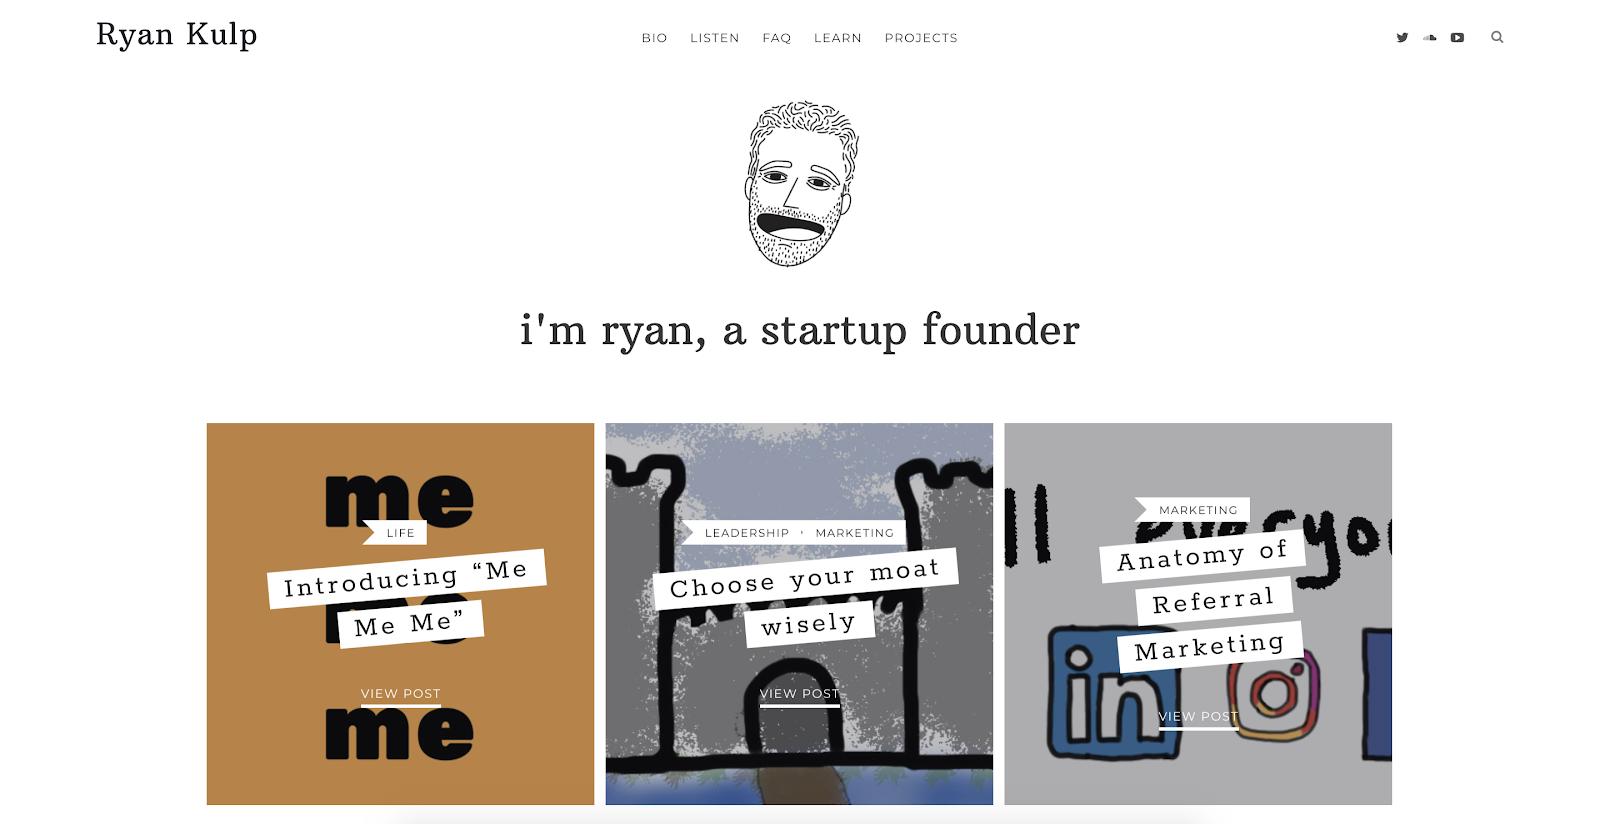 Ryan Kulp's Website